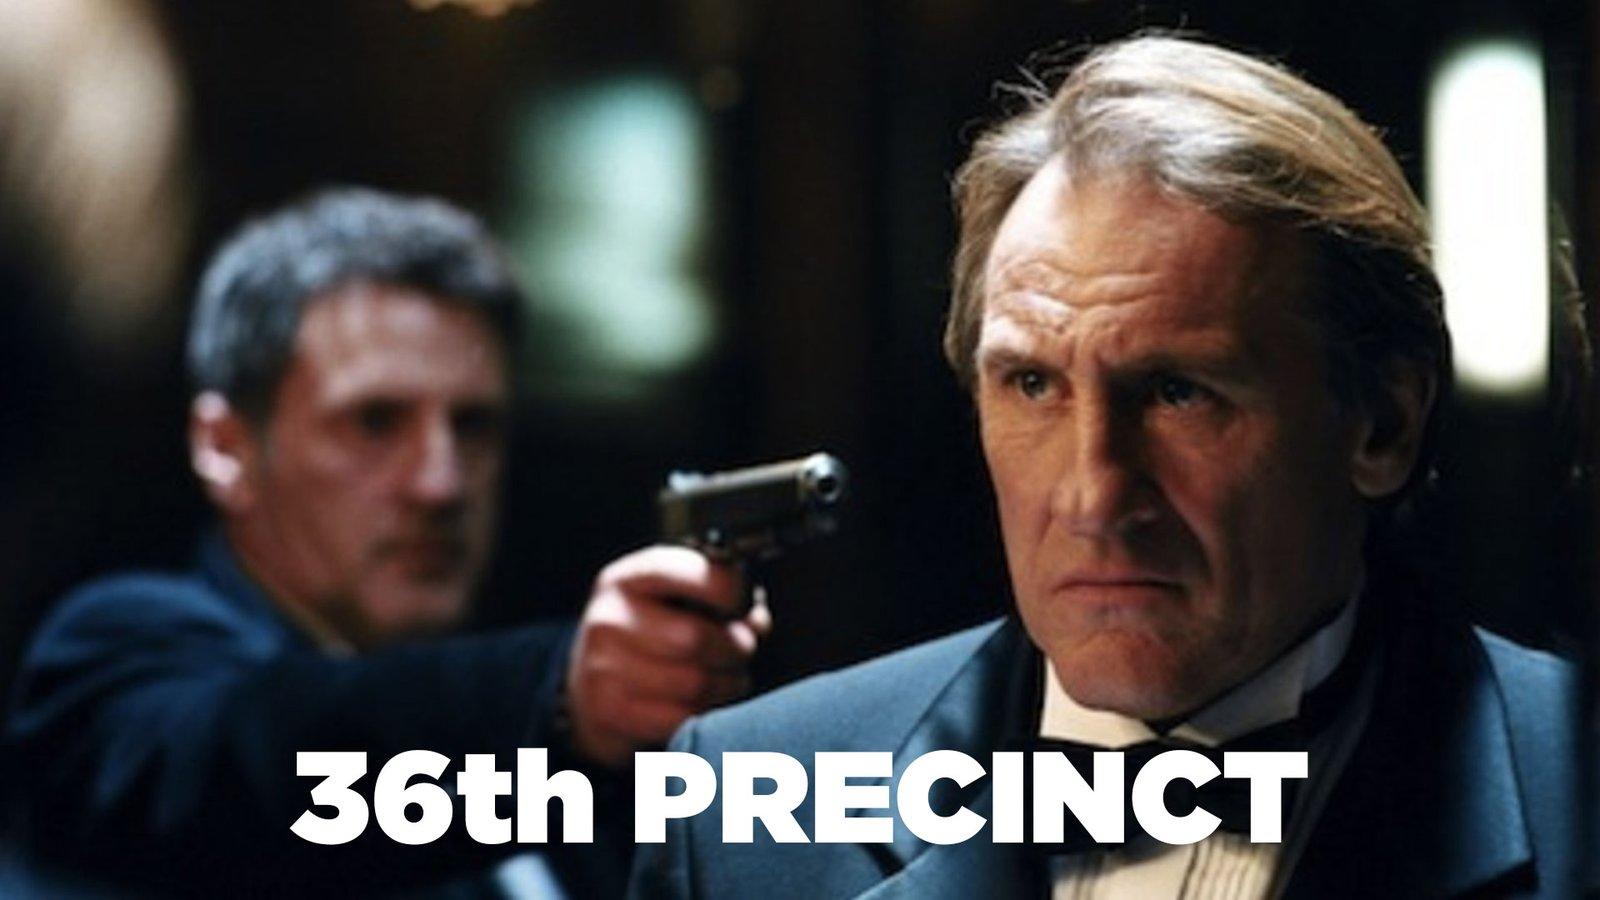 36th Precinct - 36 Quai des Orfèvres